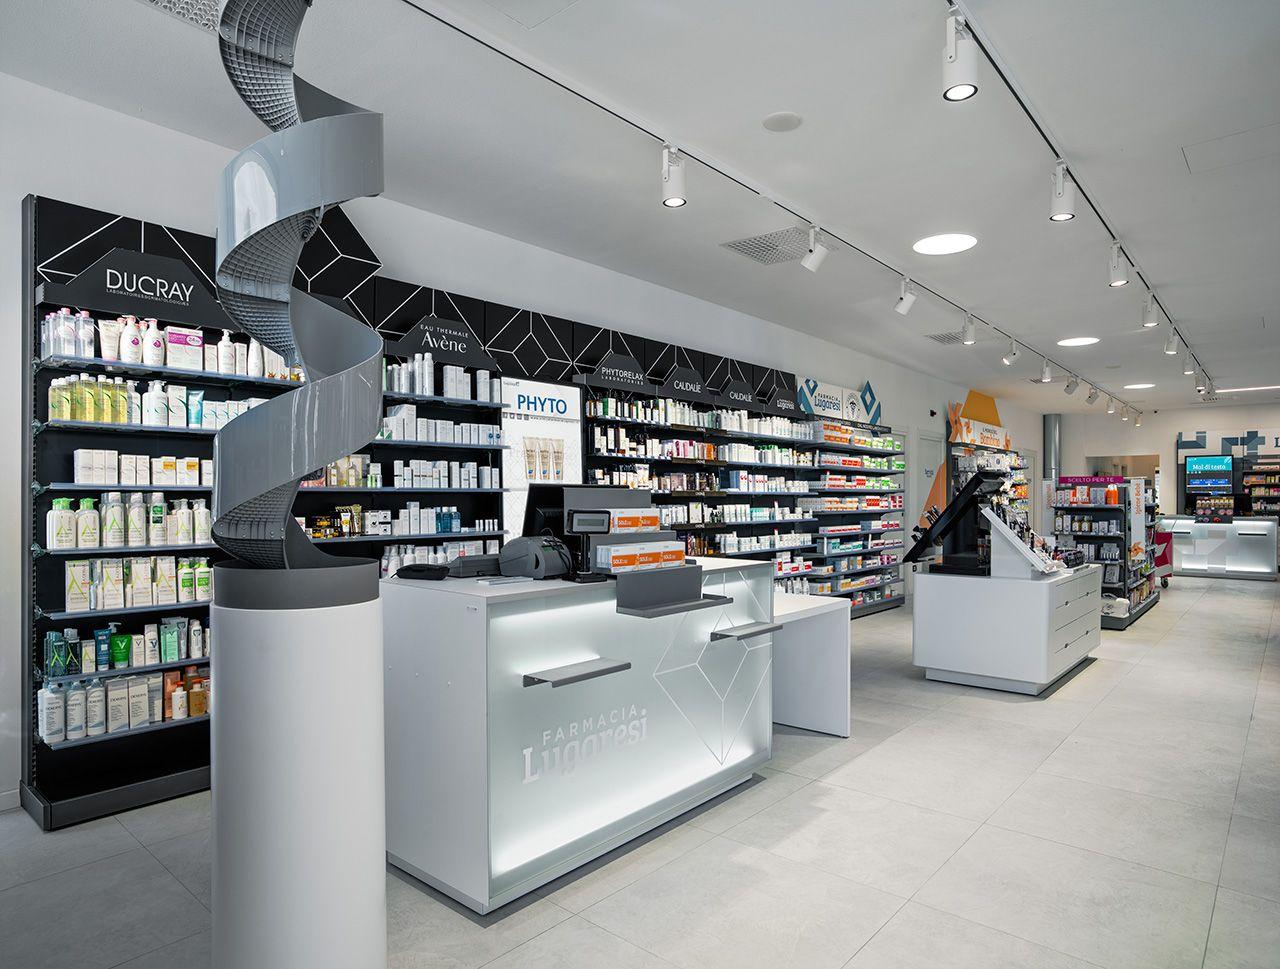 La progettazione farmacia si è ispirata alla nuova sede